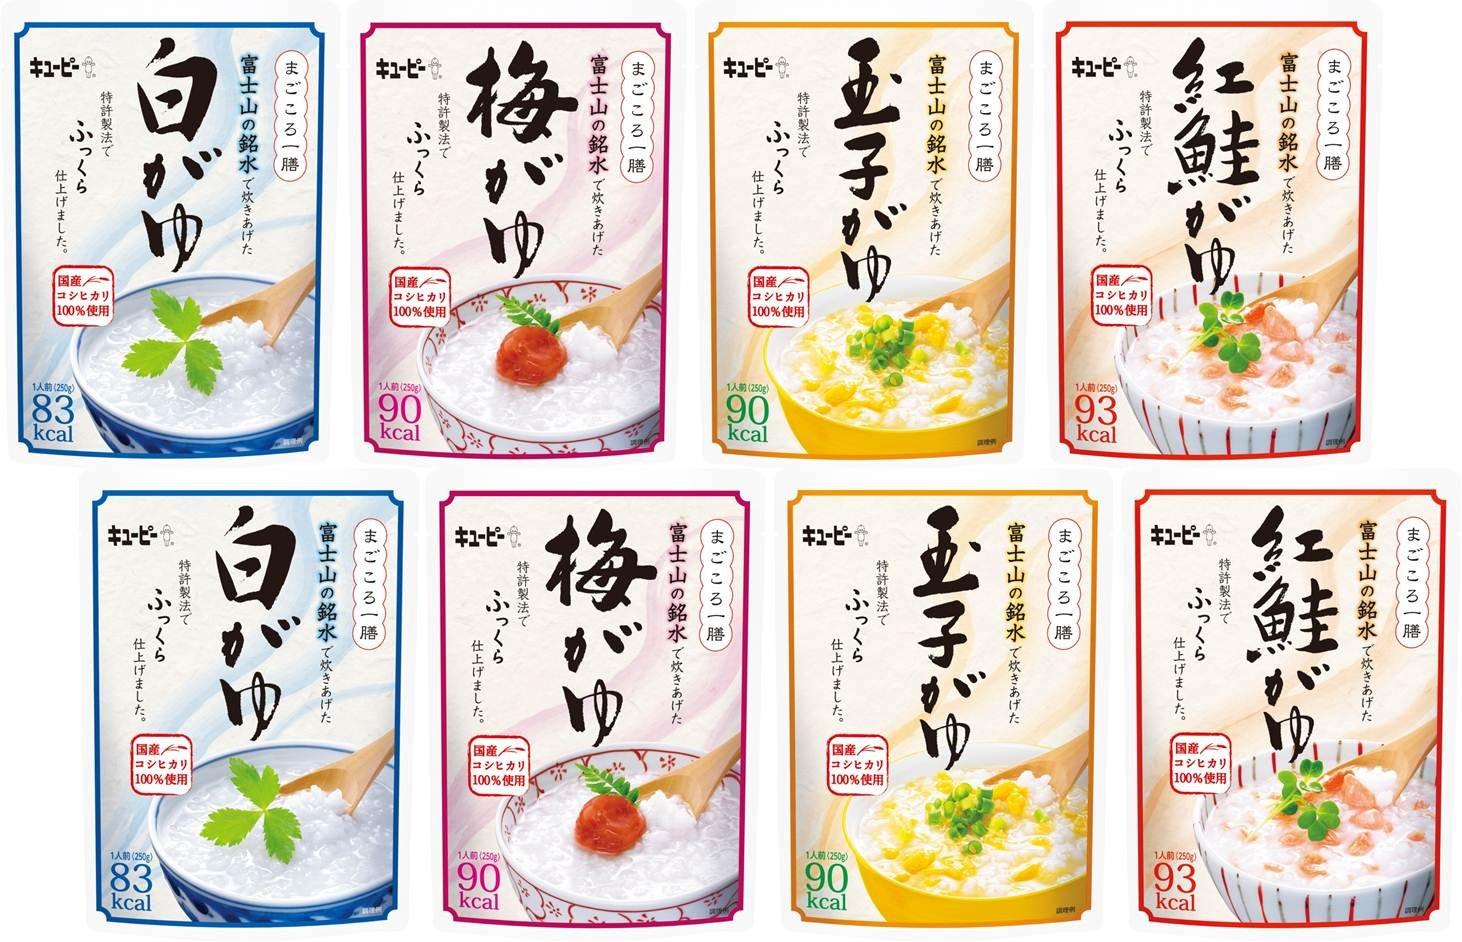 まごころ一膳 富士山の銘水で炊きあげたおかゆ 4種×2袋 (白がゆ、梅がゆ、玉子がゆ、紅鮭がゆ)